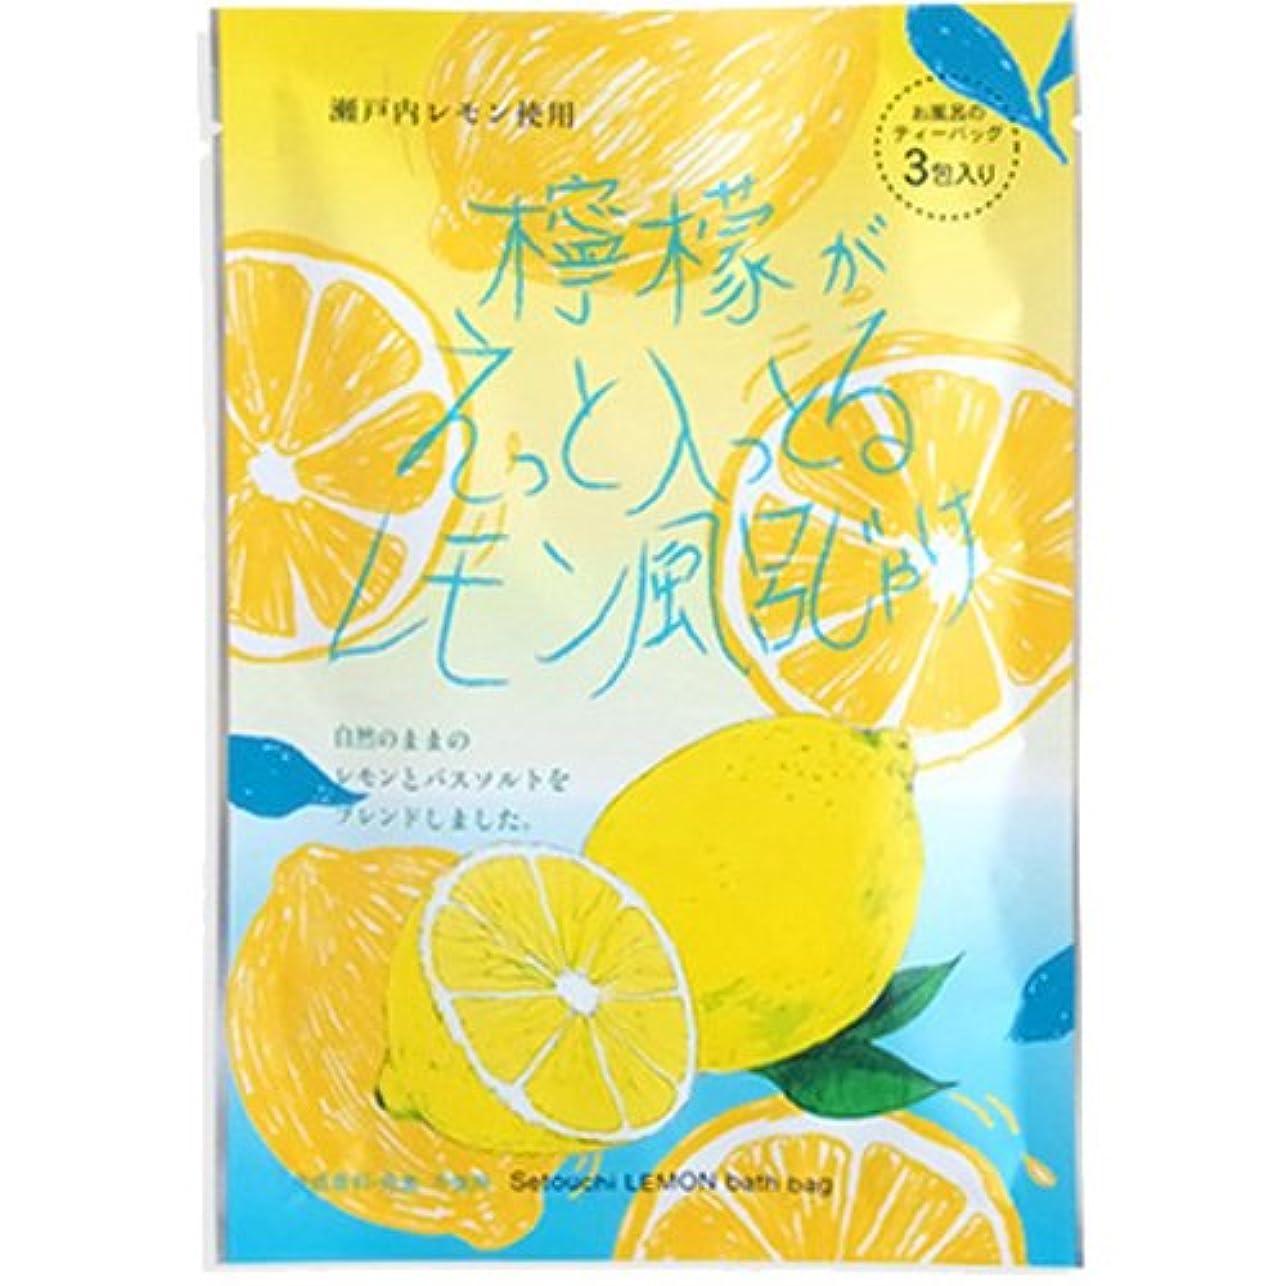 シャッター作りますダイアクリティカル檸檬がえっと入っとるレモン風呂じゃけ